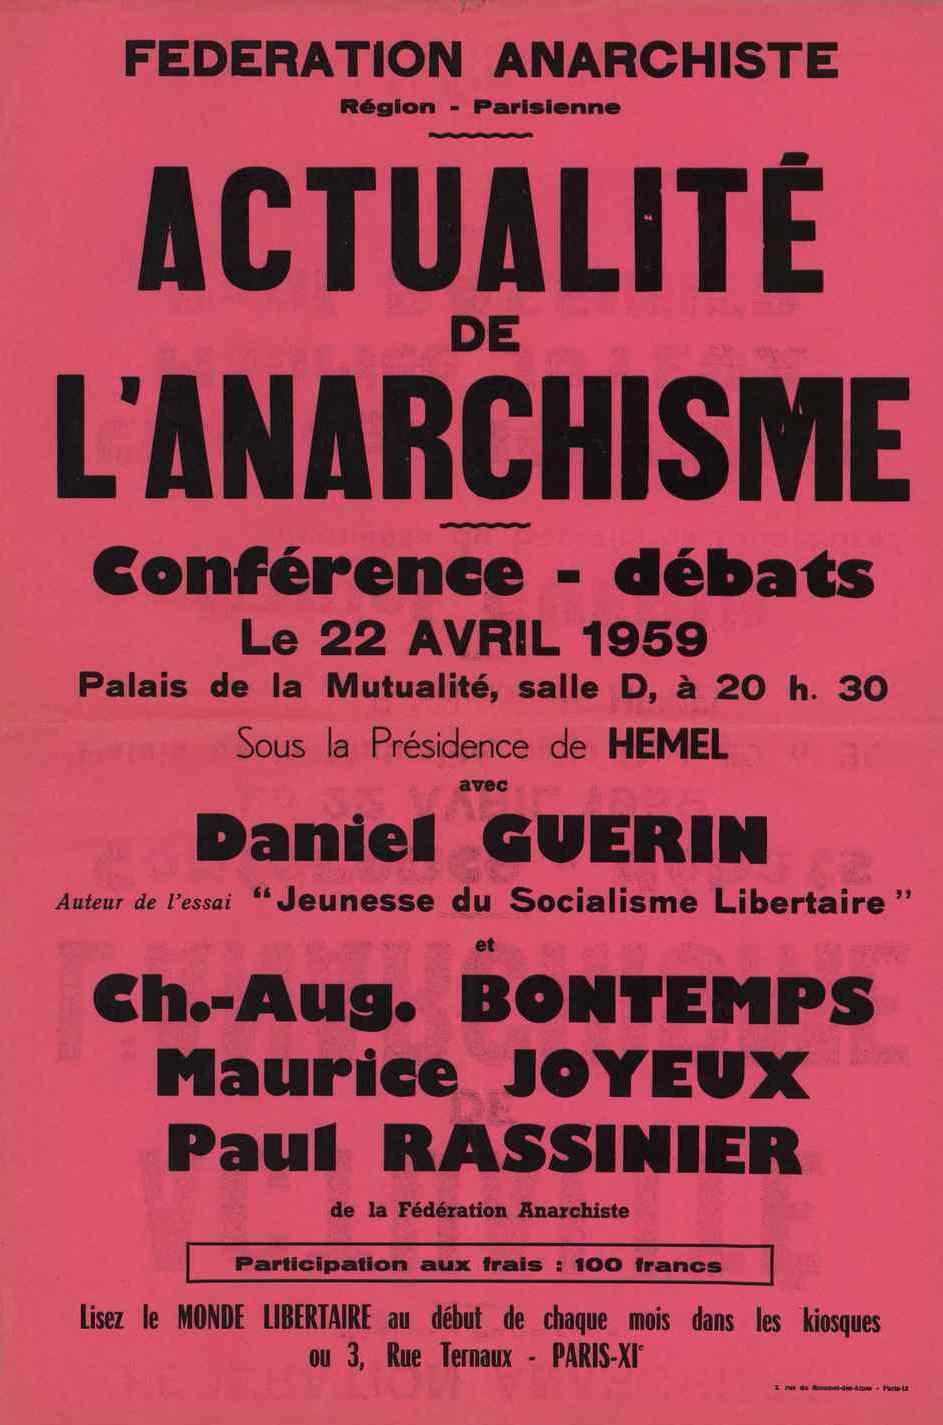 Cartell de la conferència-debat